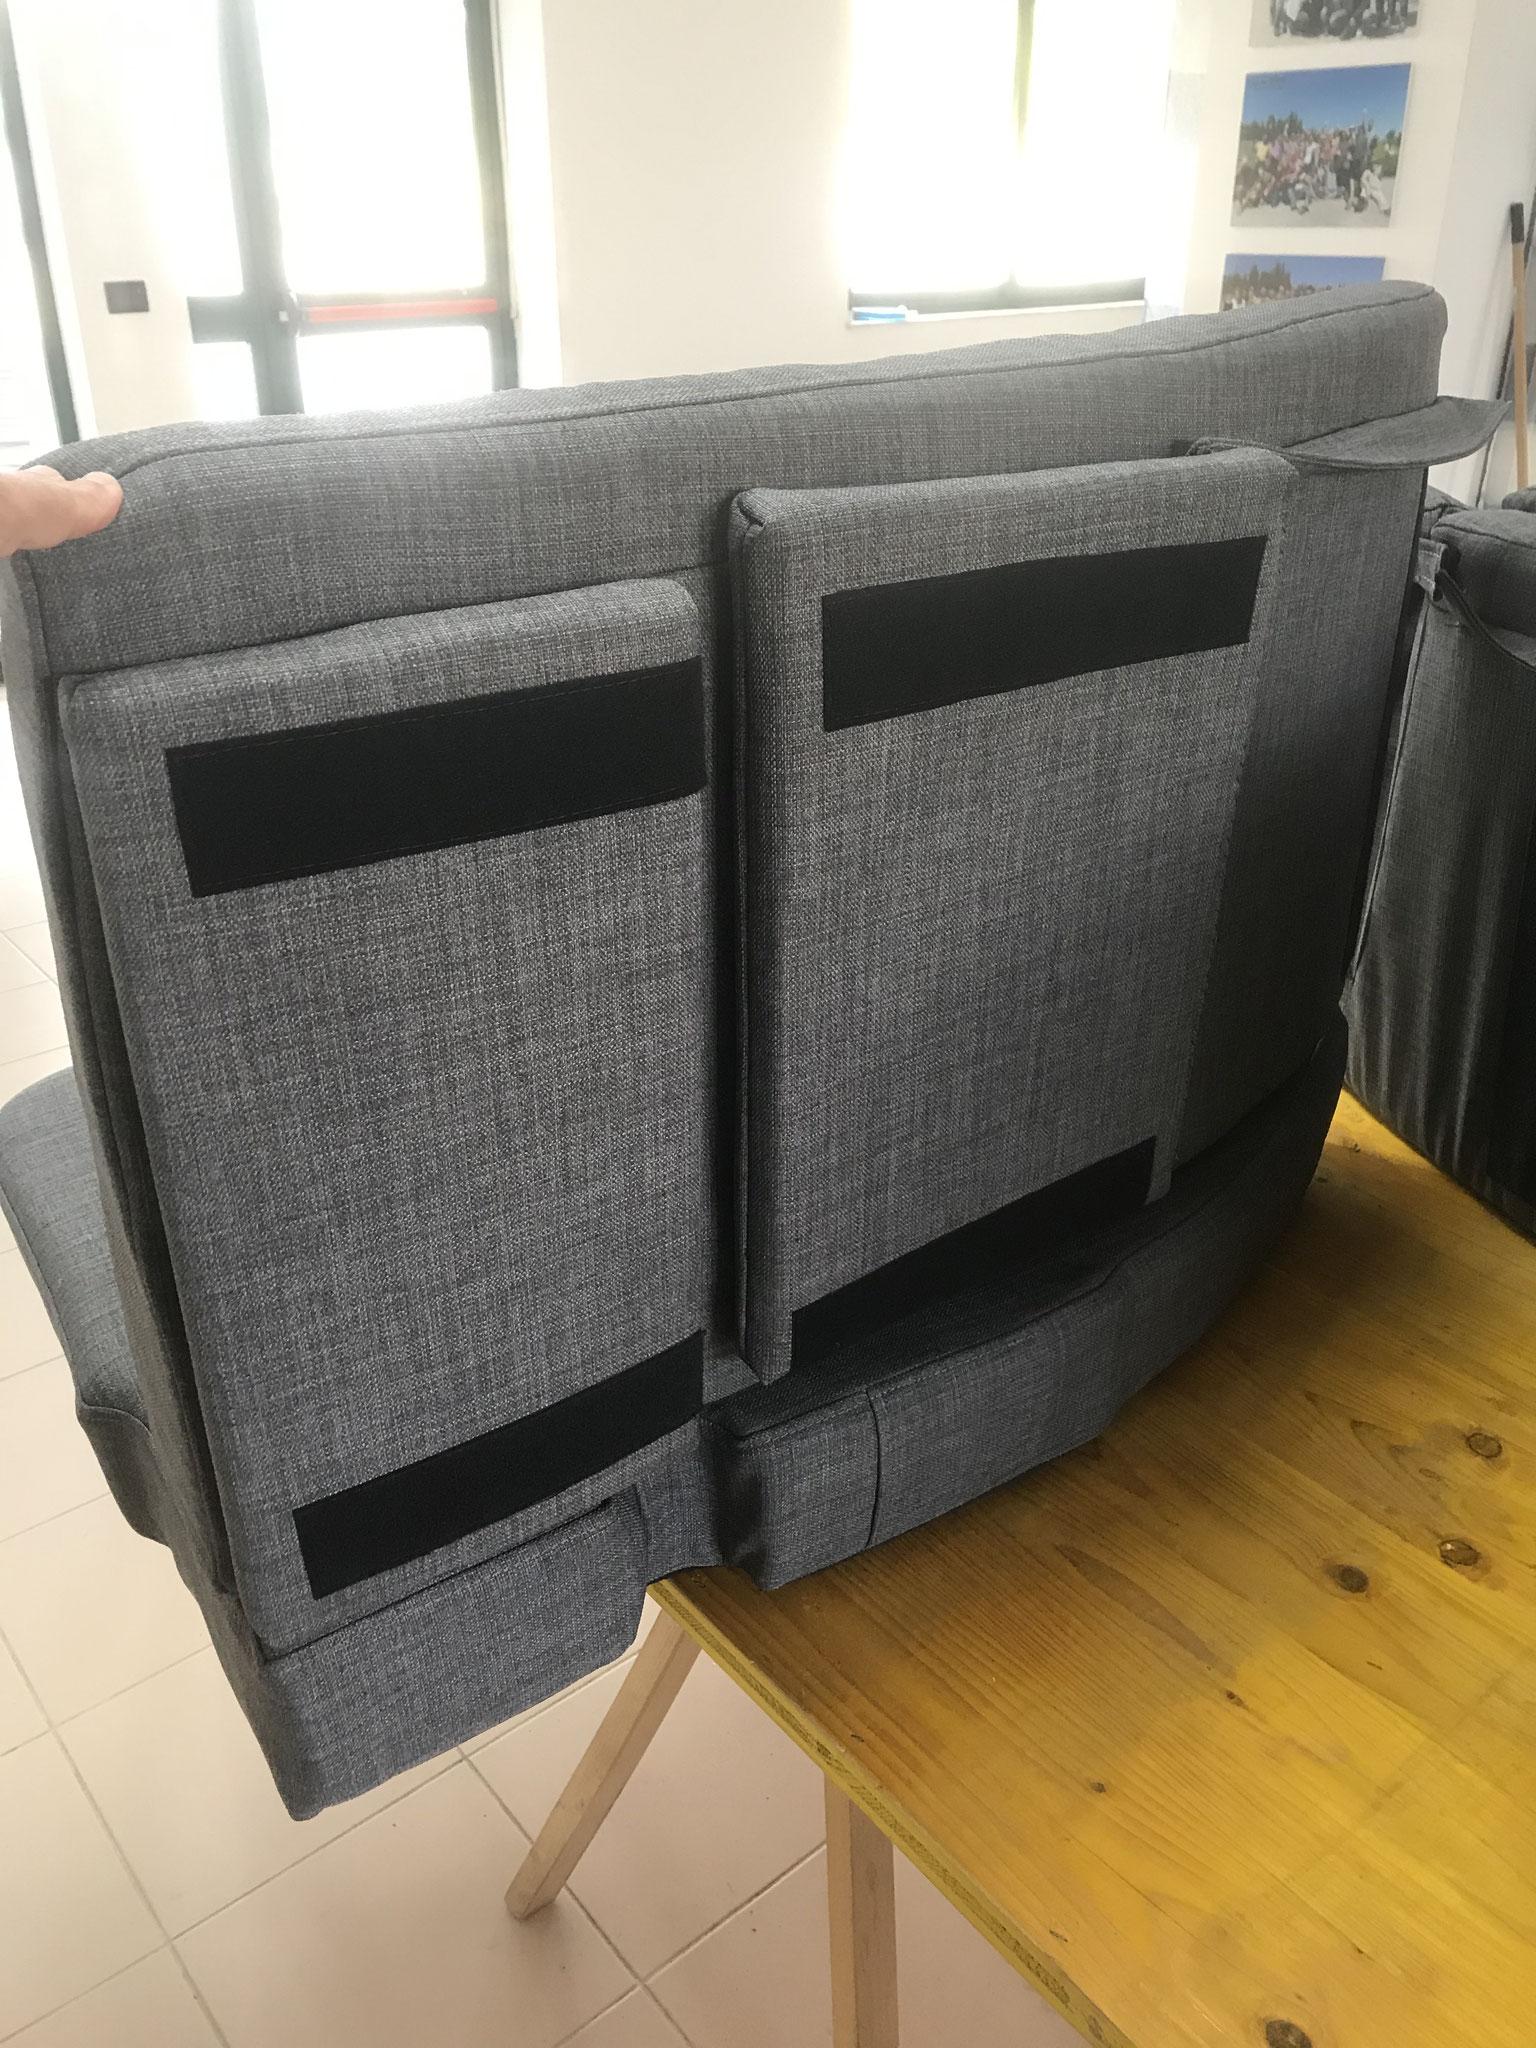 mit raffinierten Teilen - TV Halterung Einbau / TV mounting integrated in cushion